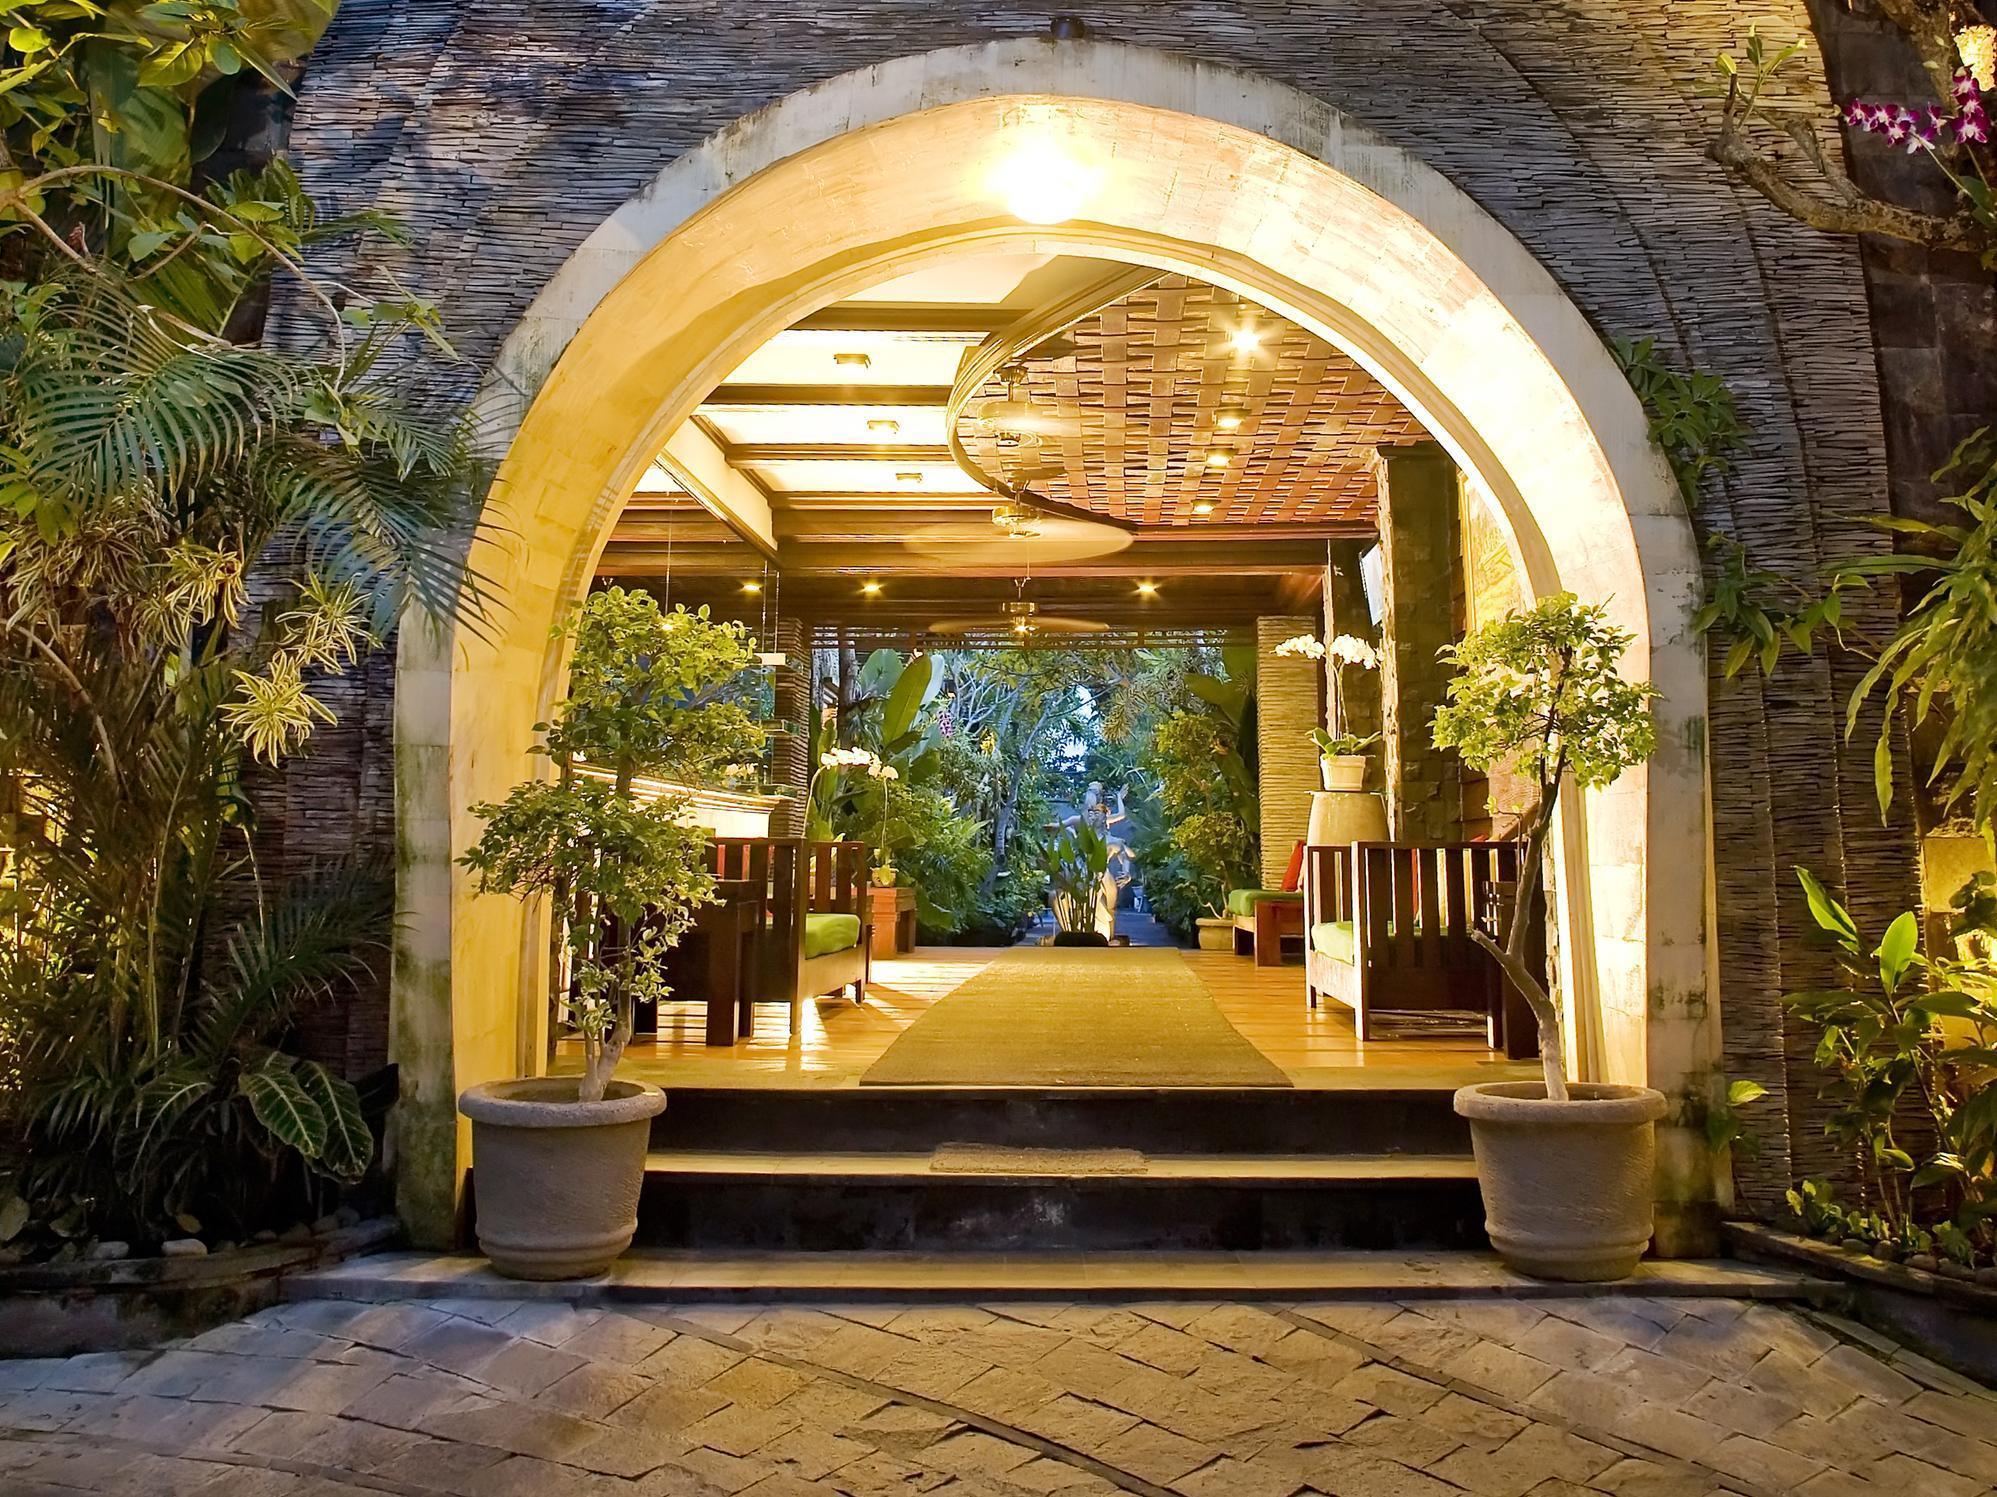 The Bali Dream Villa Seminyak6